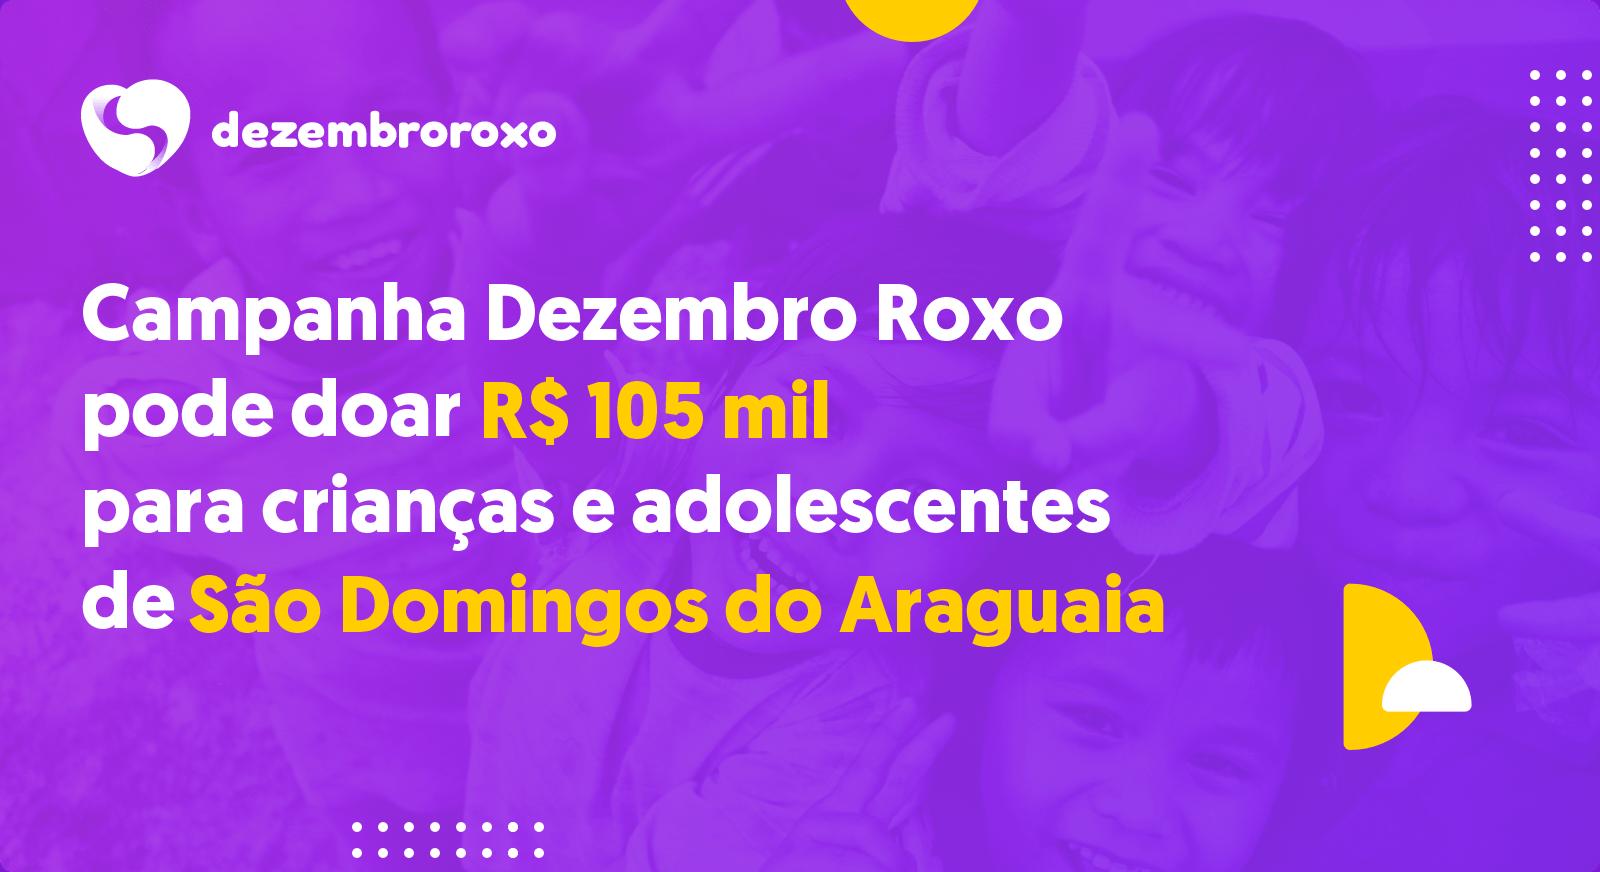 Doações em São Domingos do Araguaia - PA